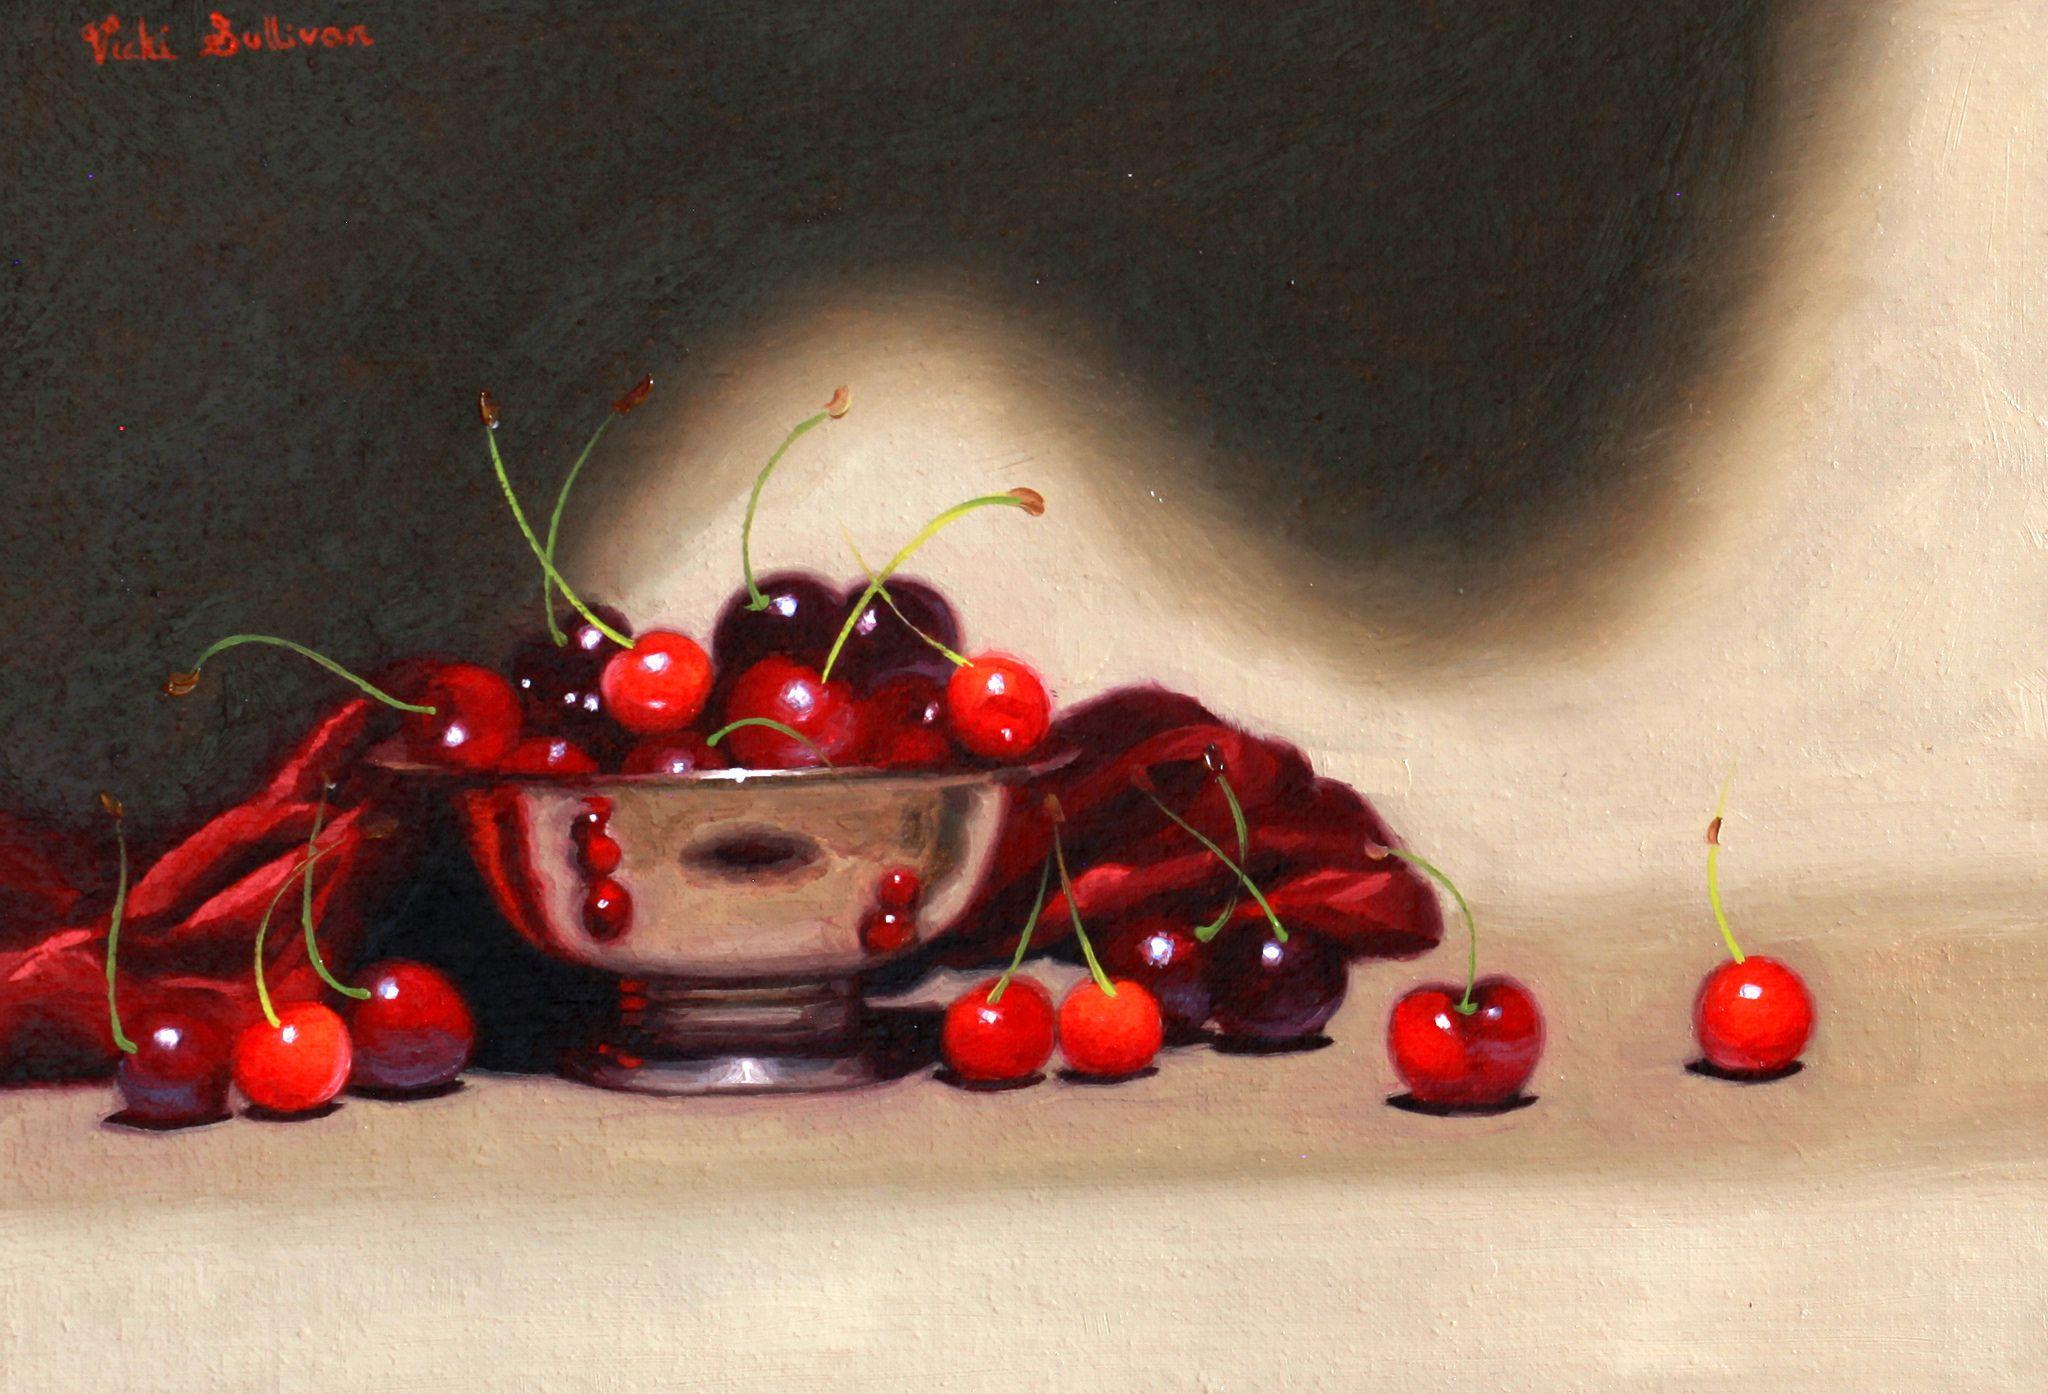 https://flic.kr/p/BXKmcx | Silver bowl with Cherries by Vicki Sullivan | Stilol Life#Oilonlinen#Australian Artist#tonalpainting#Cherries#Fruit#freshcherries#Melbourneartist#organicfruit#organicgarden#homegarden#painting#art#